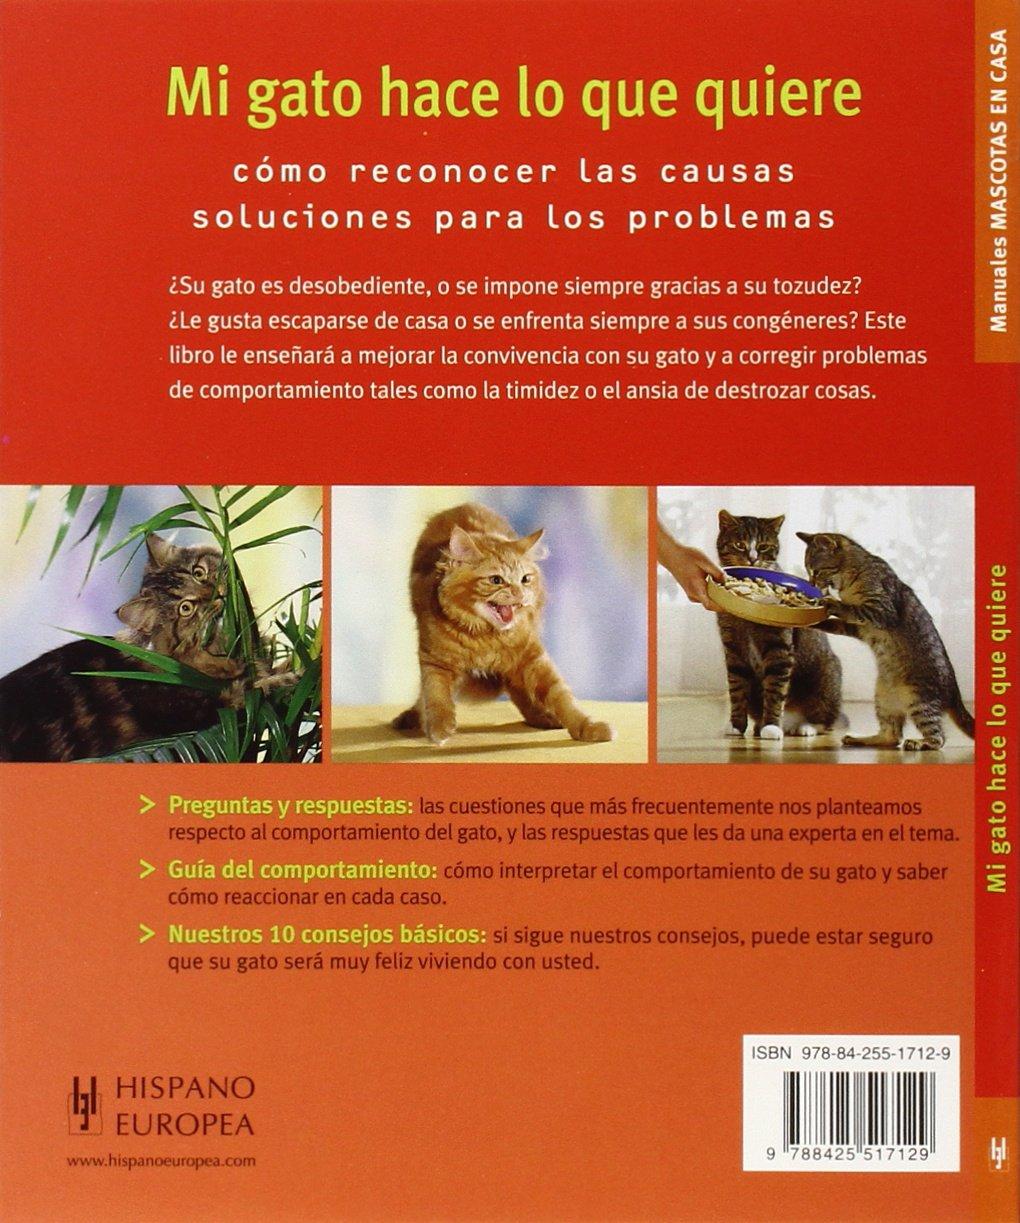 Mi gato hace lo que quiere. Mascotas en casa (Mascotas En Casa / House Pets) (Spanish Edition): Helga Hofmann: 9788425517129: Amazon.com: Books